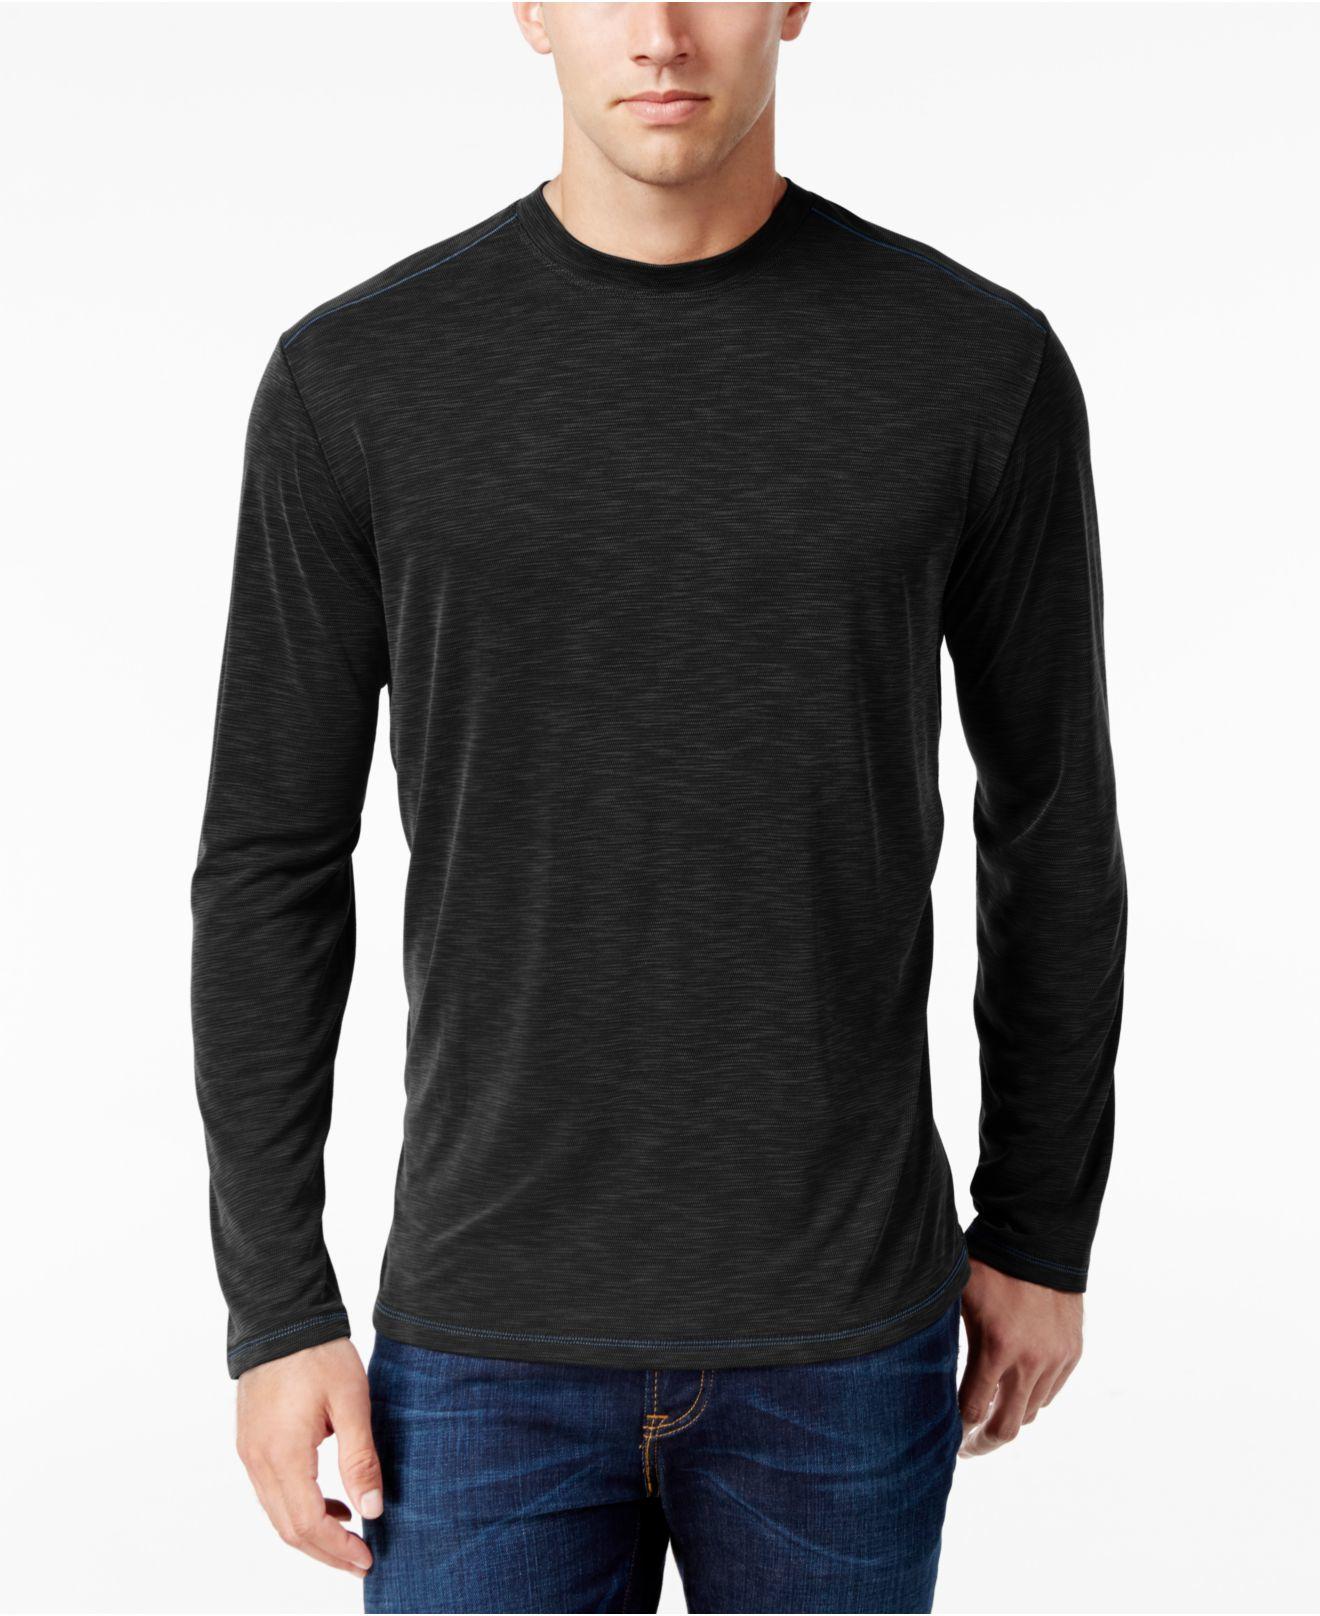 Tommy bahama paradise around long sleeve t shirt in black for Tommy bahama long sleeve dress shirts